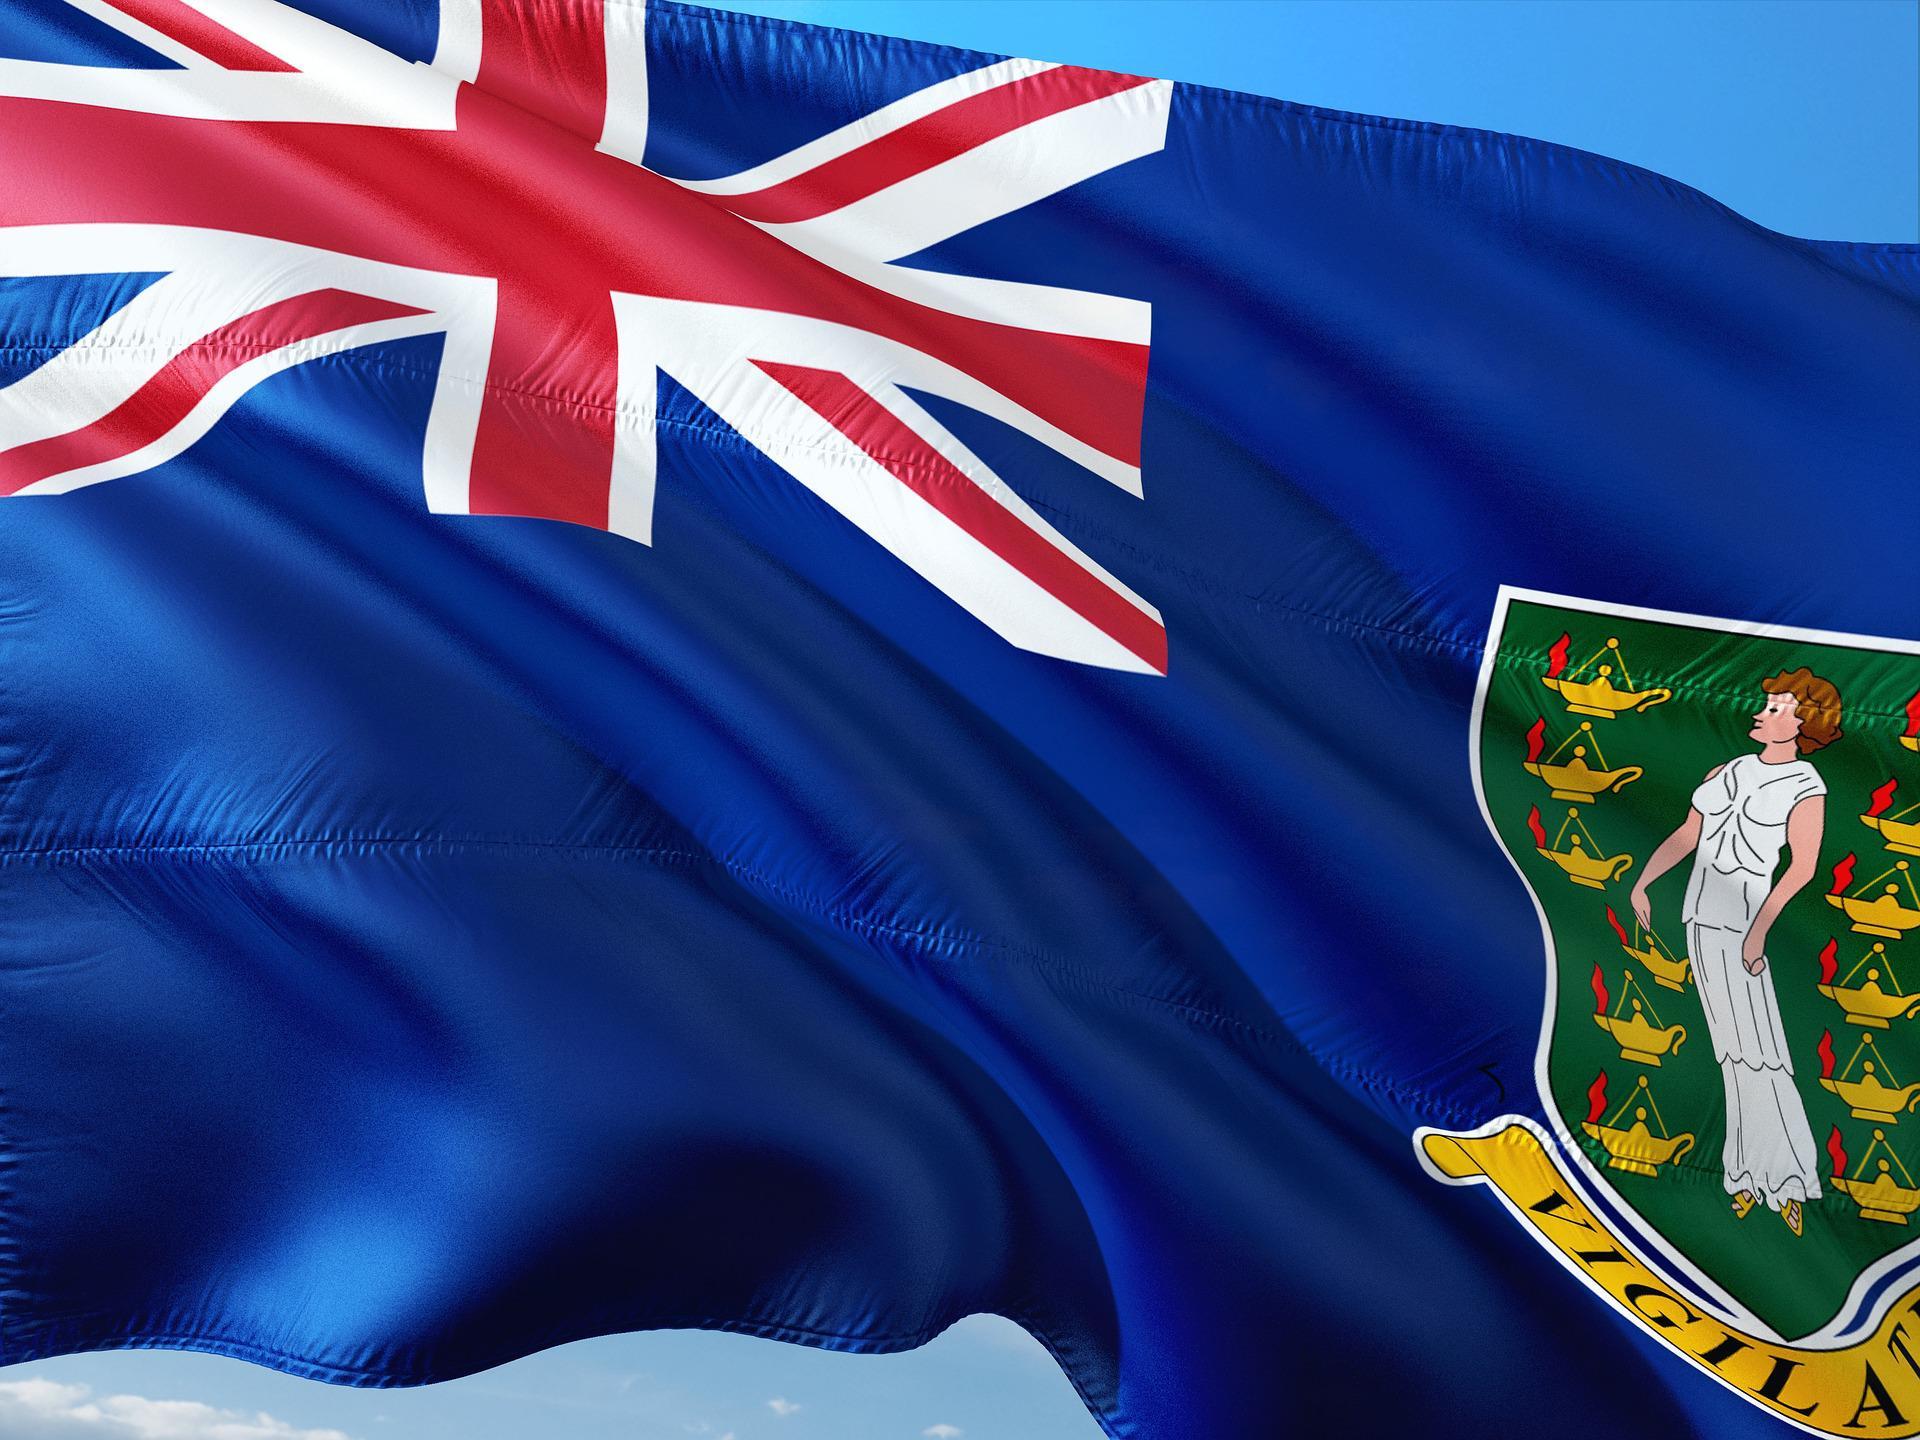 Британские Виргинские Острова подтвердили свои обязательства по созданию публичного реестра бенефициаров